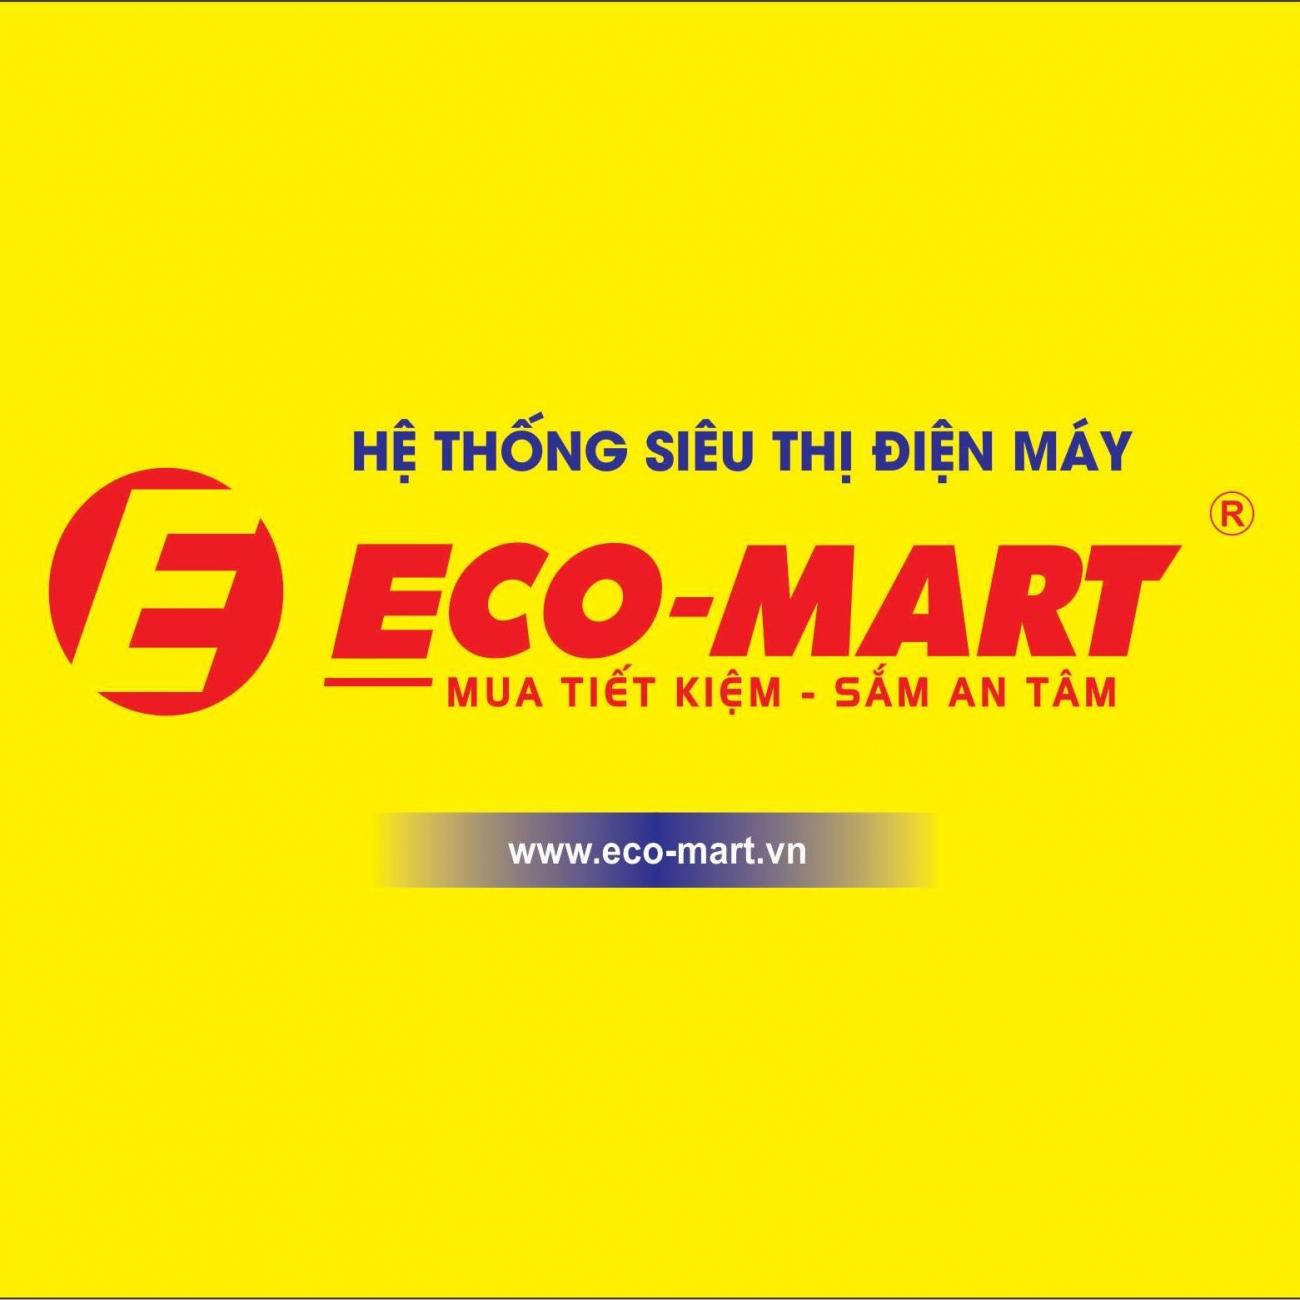 Cửa hàng điện máy Eco Mart